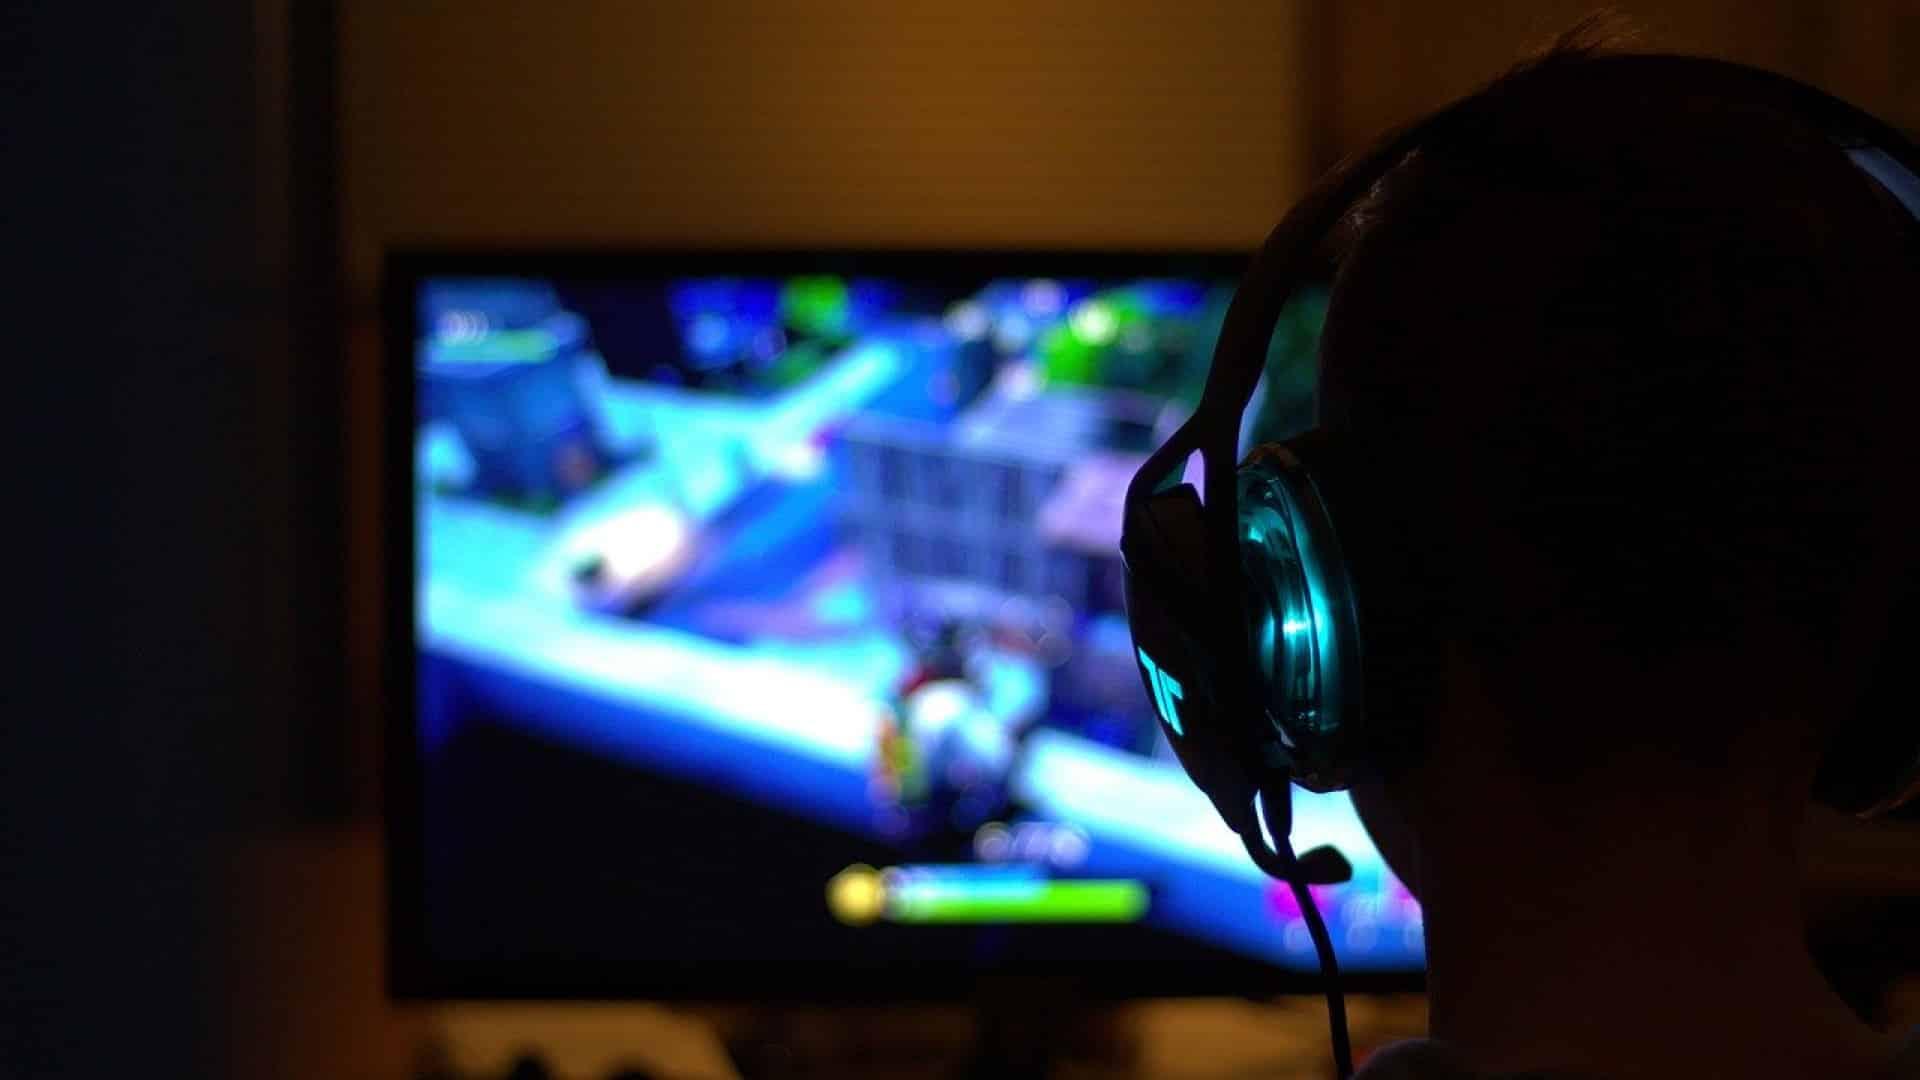 Les gamers dépensent des fortunes pour leur ordinateur